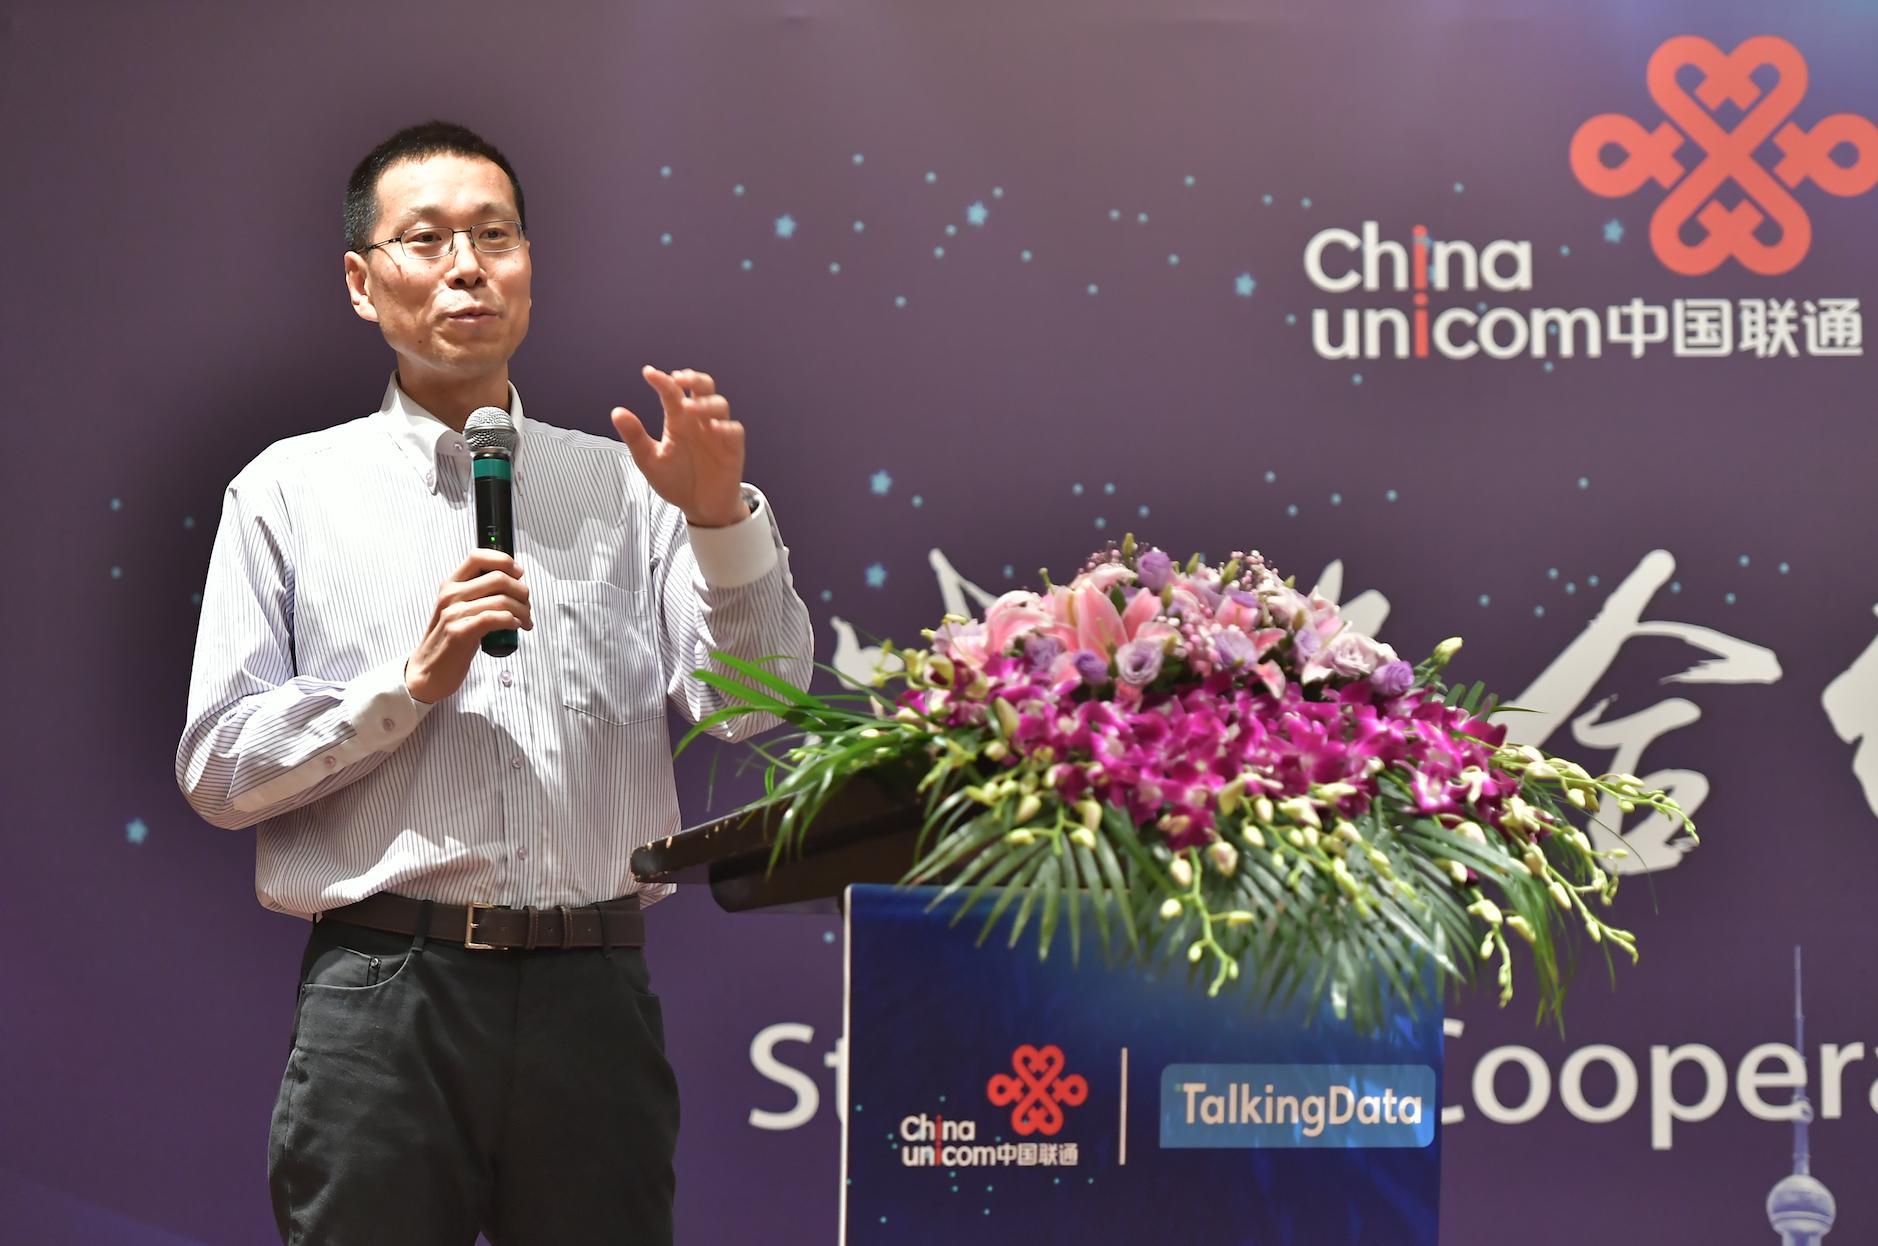 中国联通与TalkingData达成战略合作 引领大数据创新